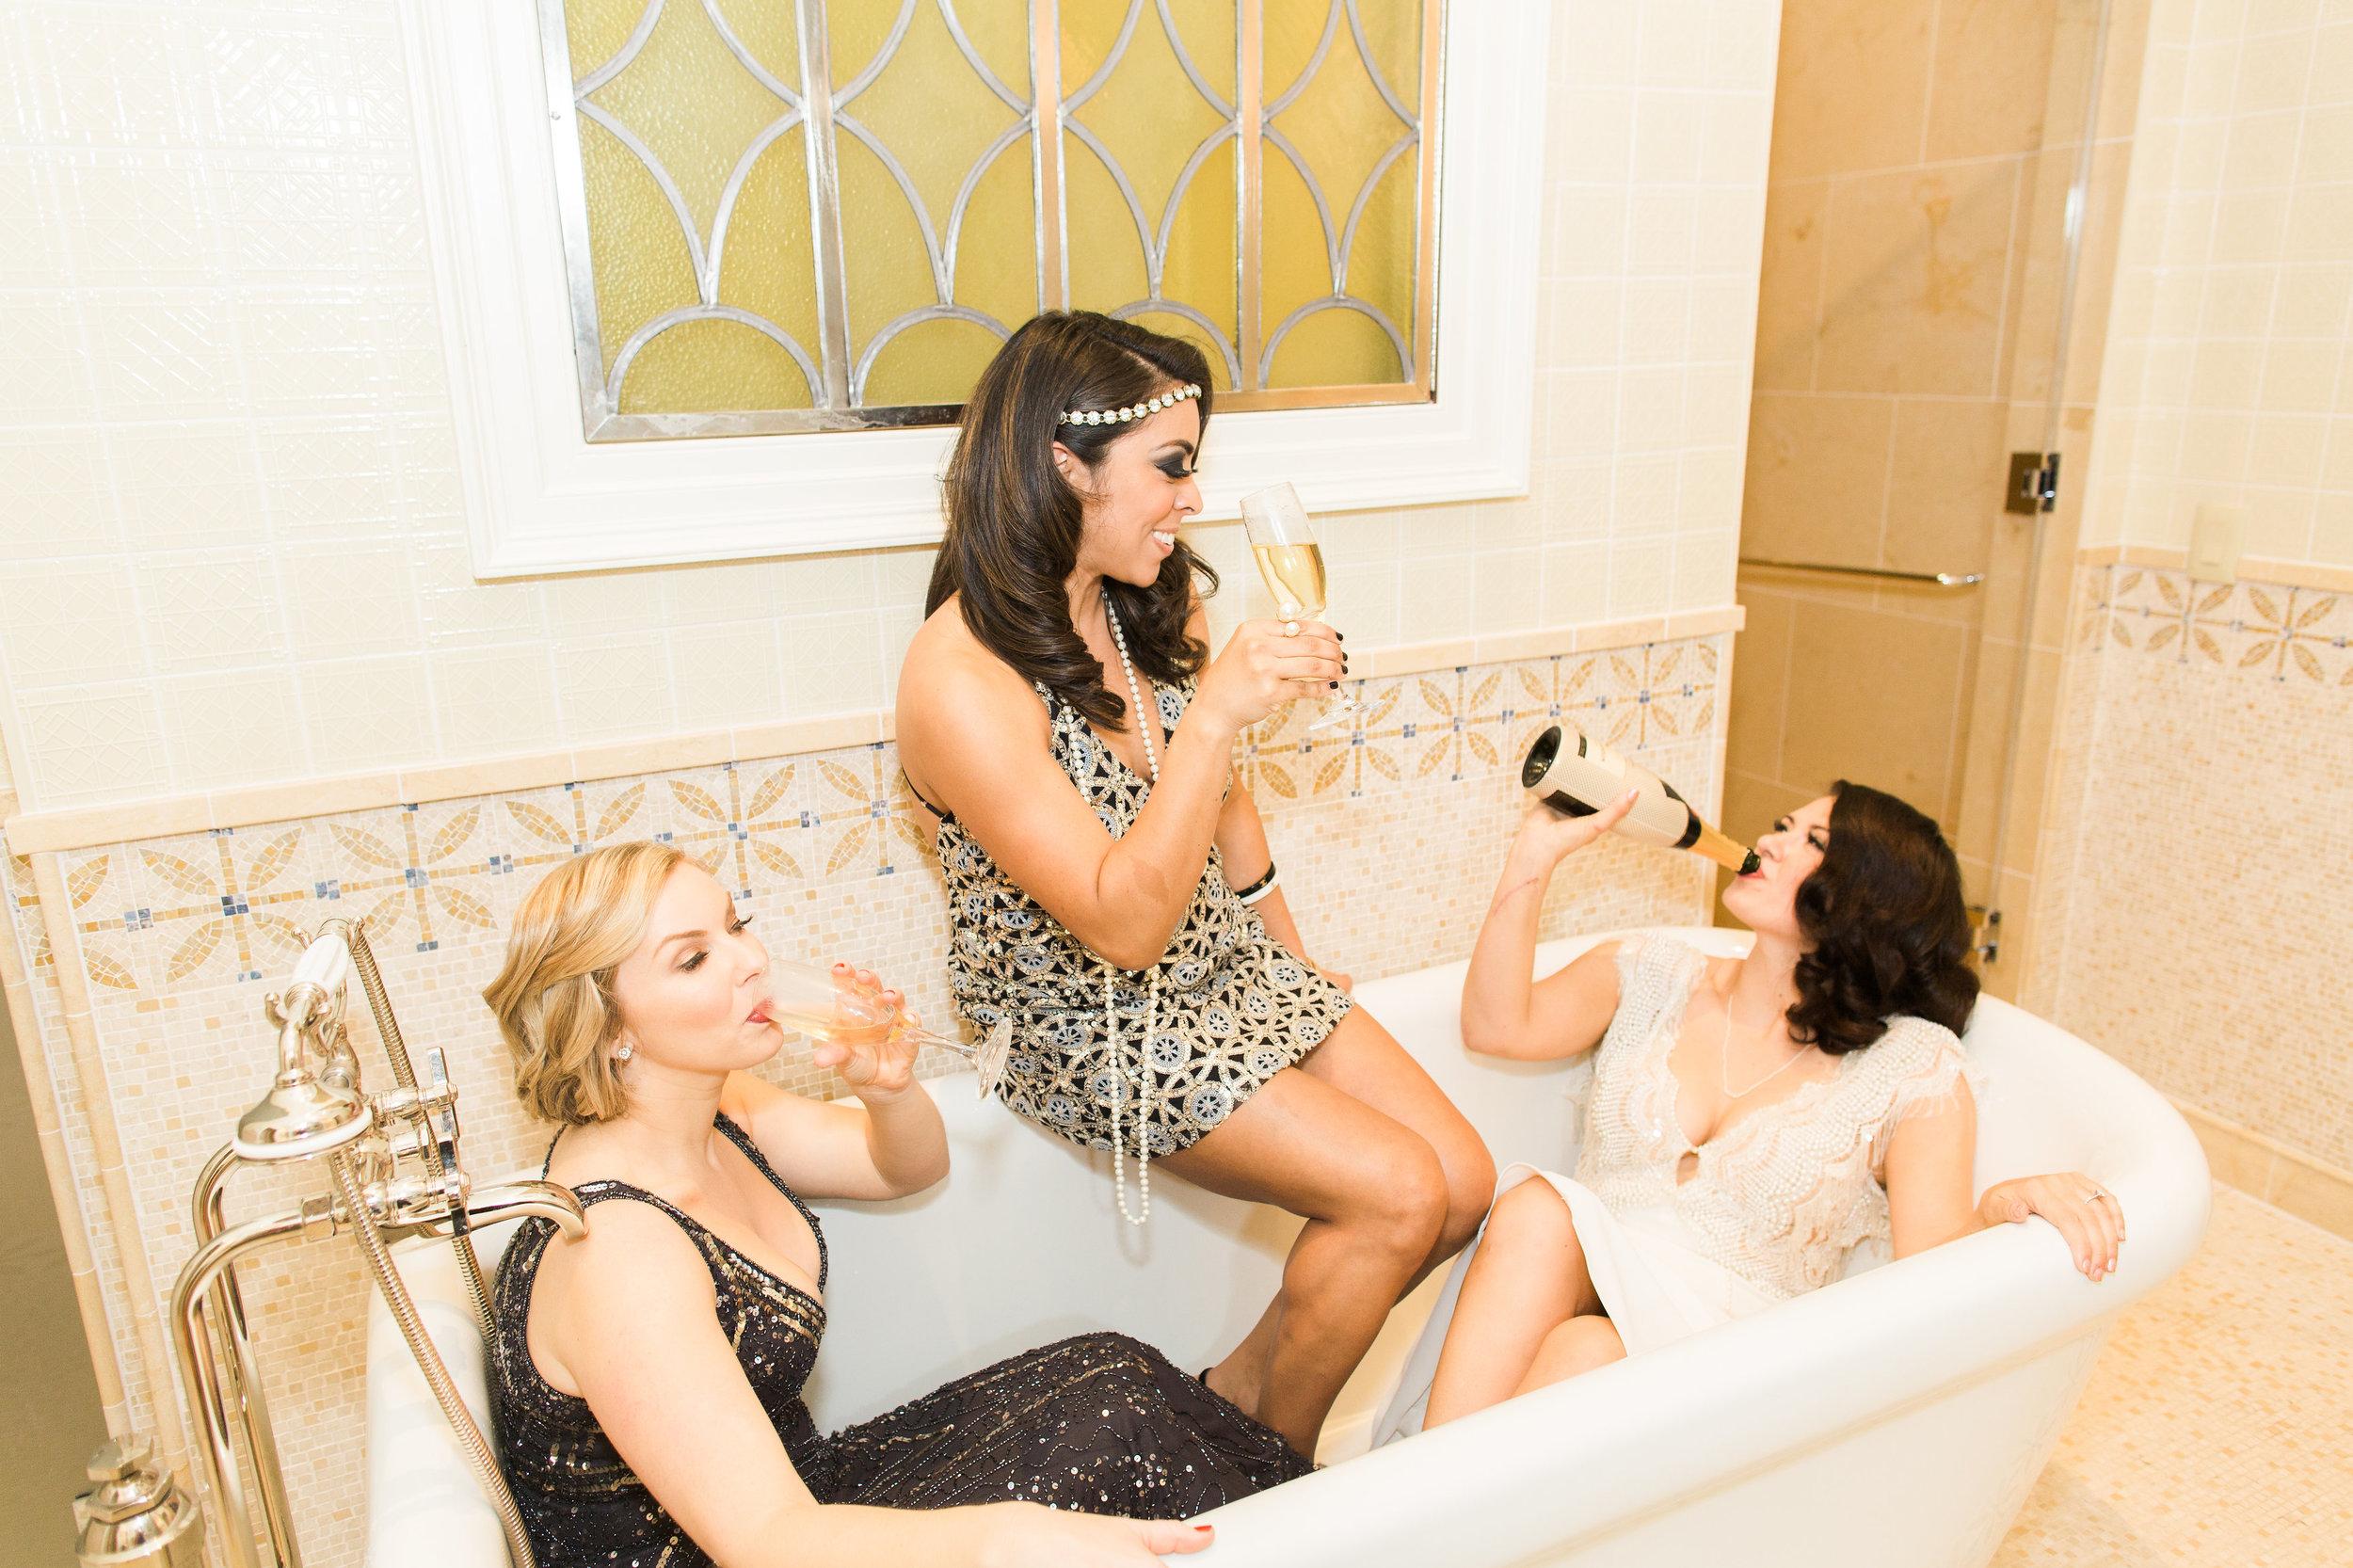 The_Girls-23-9.jpg